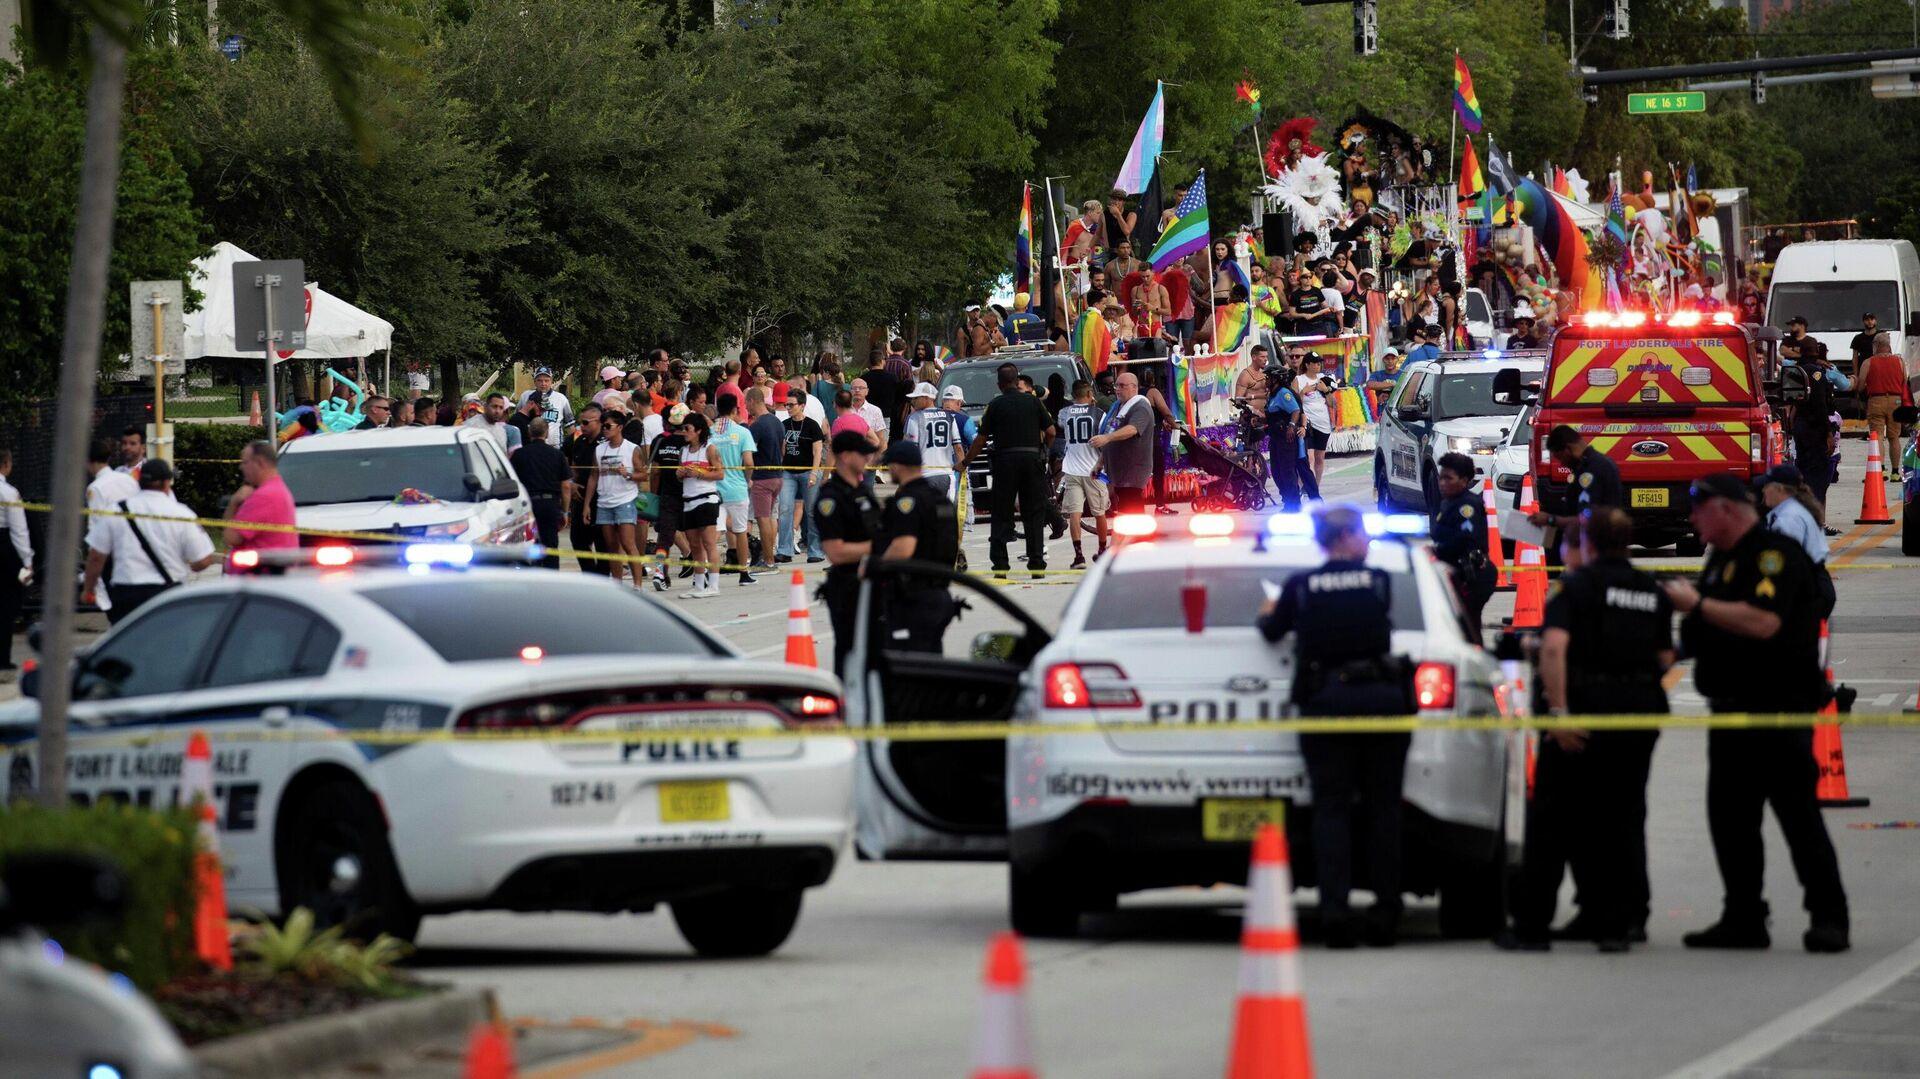 Сотрудники полиции на месте наезда пикапа на участников гей-парада в городе Уилтон Мэнорс, США - РИА Новости, 1920, 21.06.2021